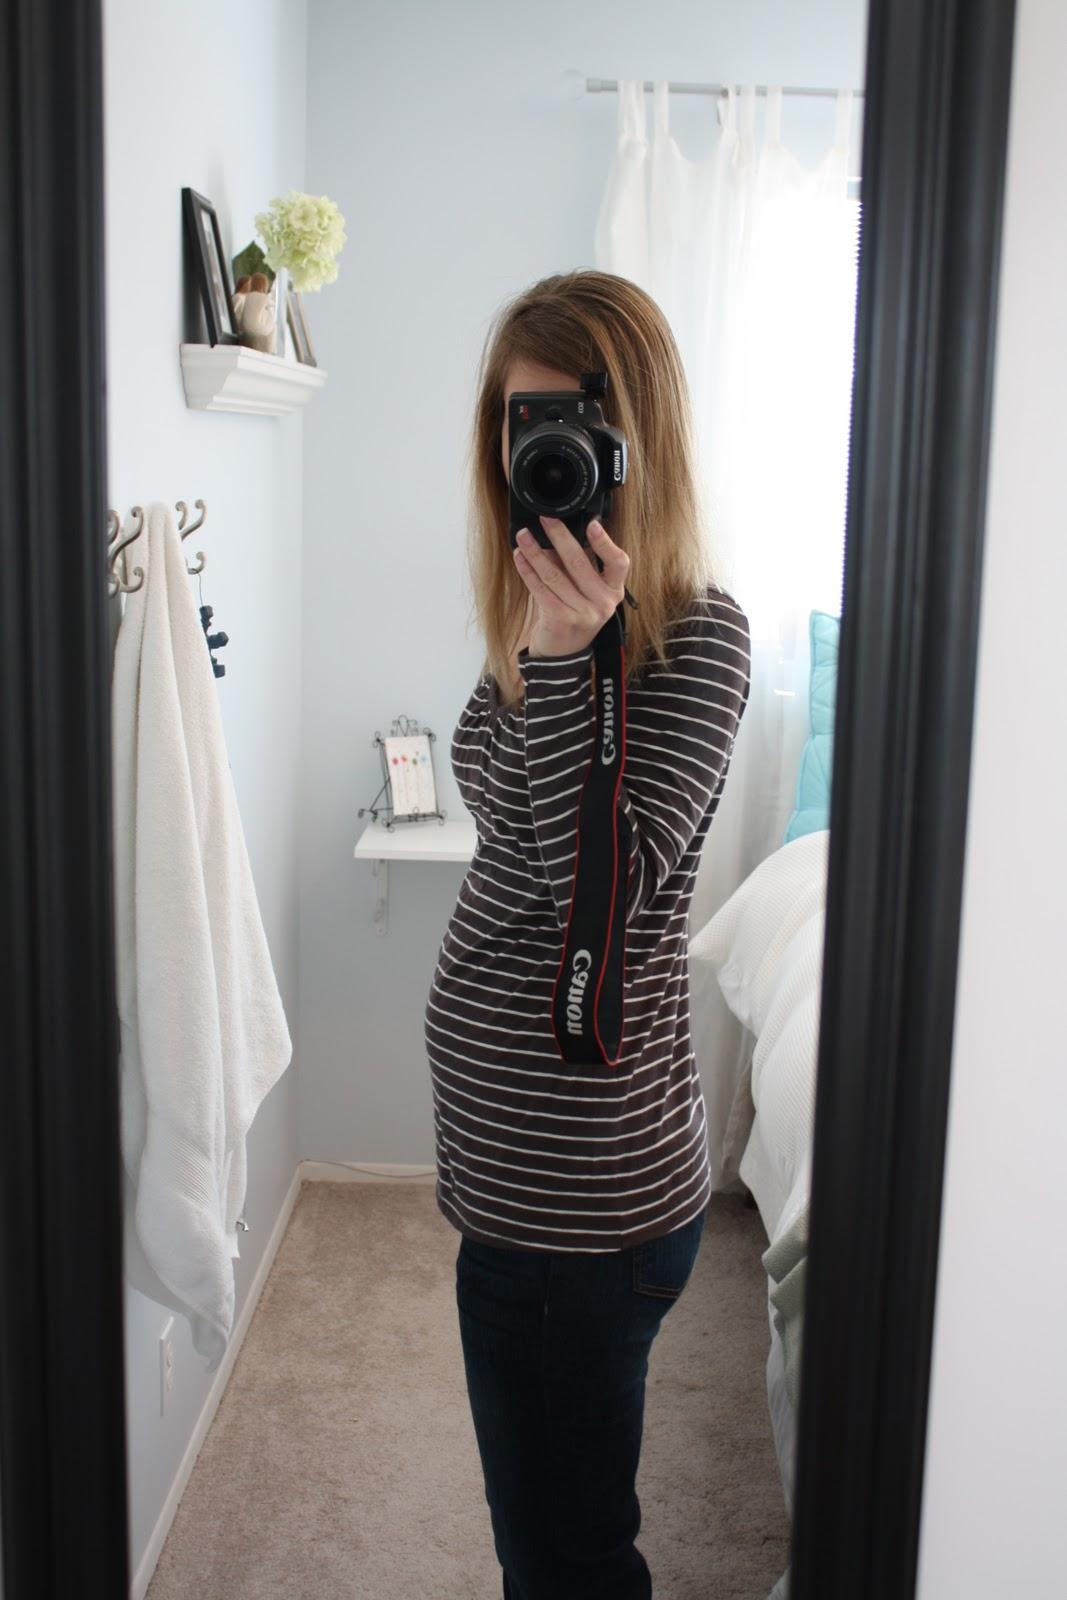 27 weeks pregnant - 4 8